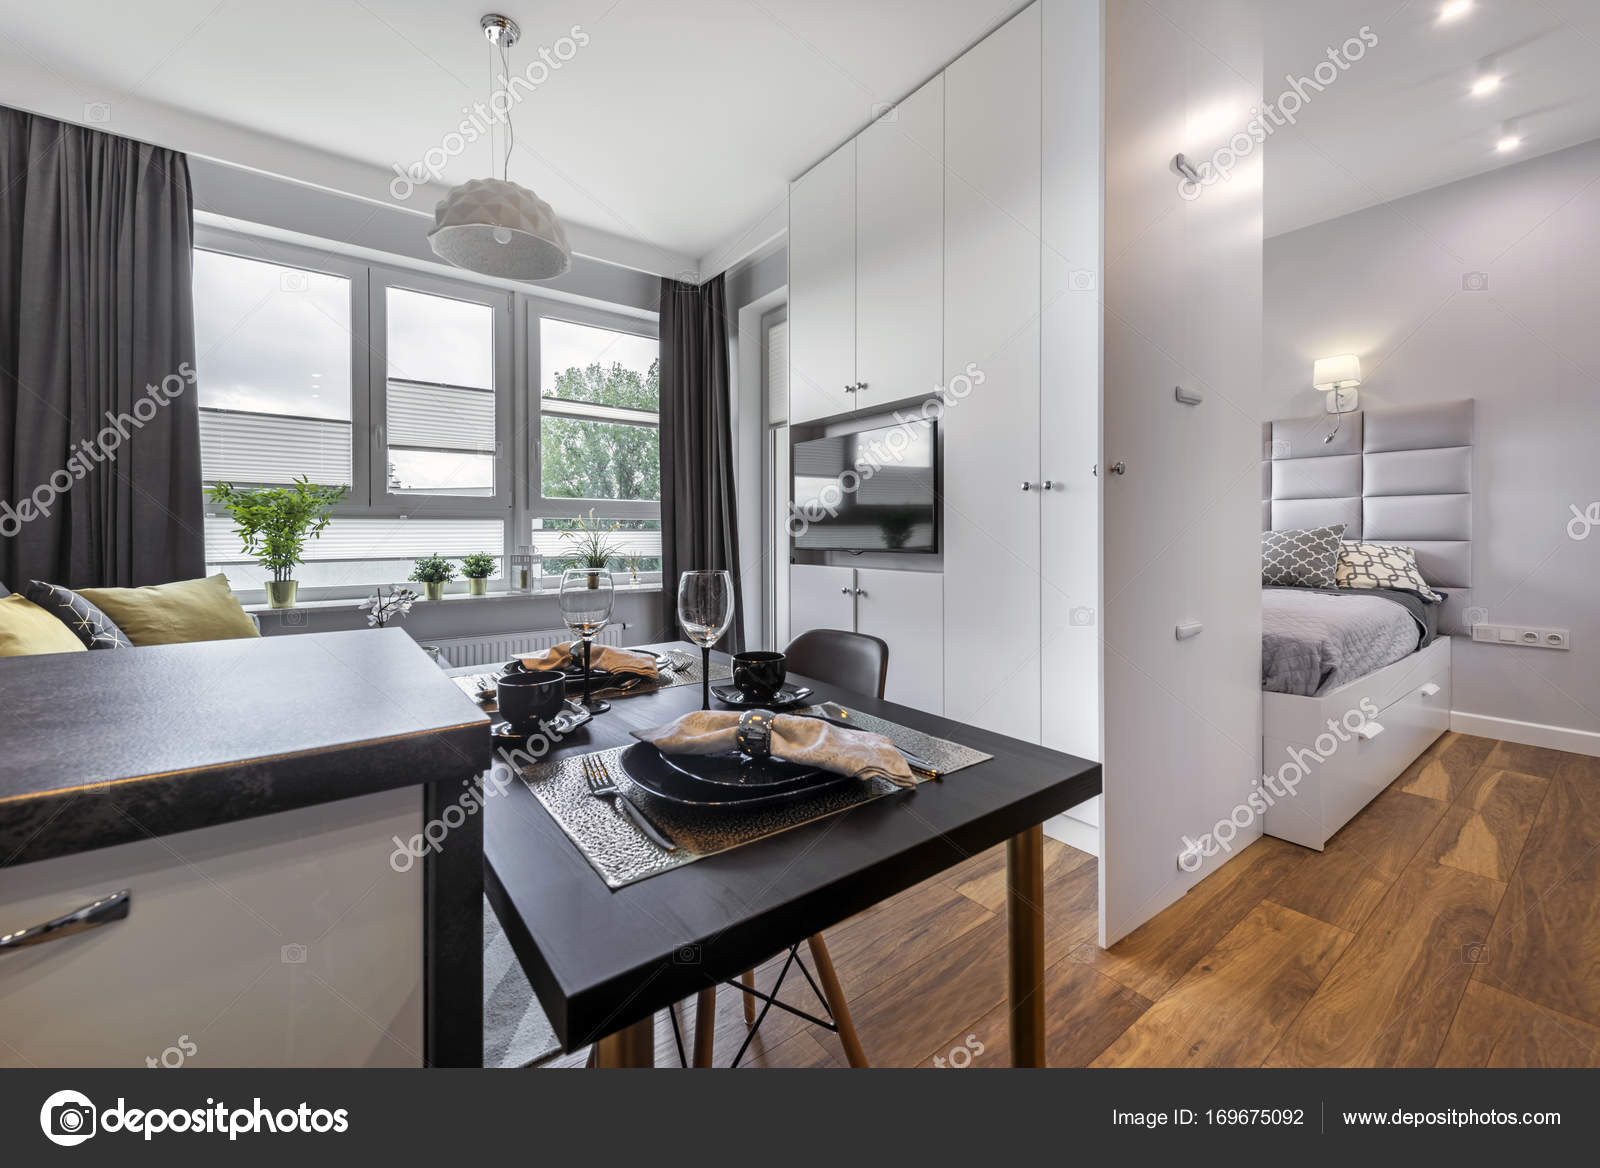 Modern interieur met slaapkamer — Stockfoto © jacek_kadaj #169675092